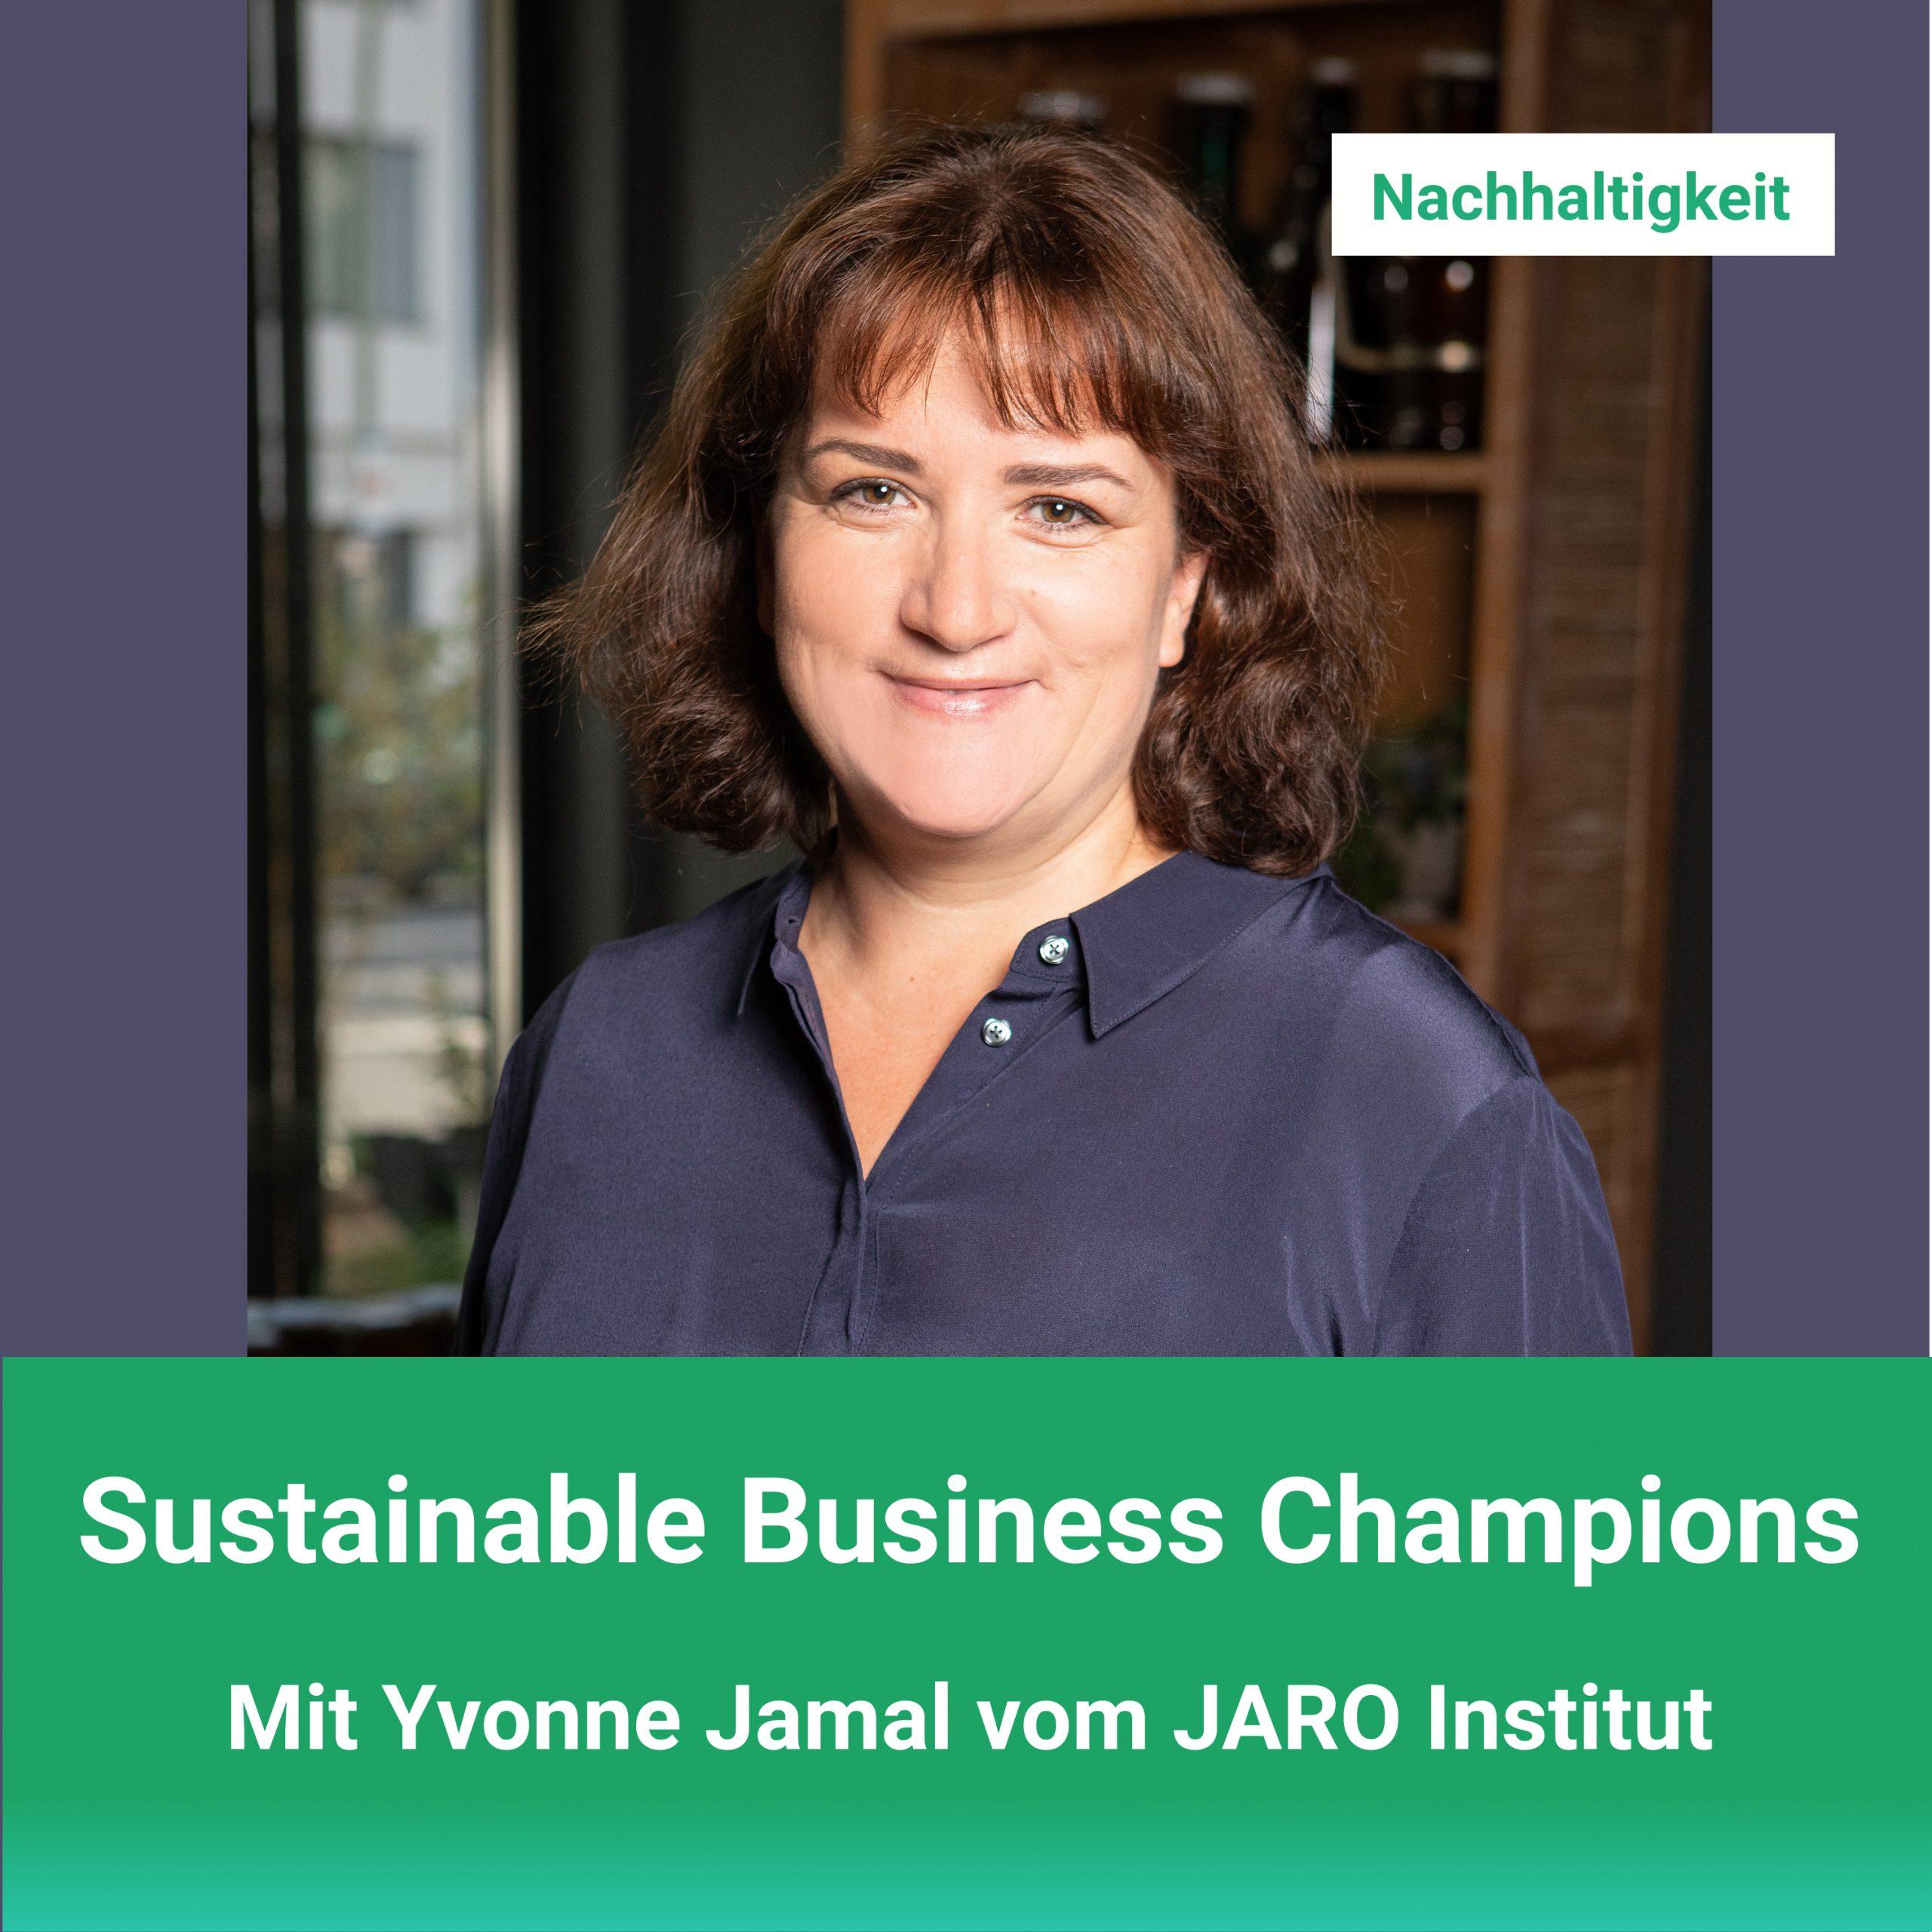 ustainable Business Champions_Nachhaltigkeit im Einkauf_Jasmin Horn_Yvonne Jamal